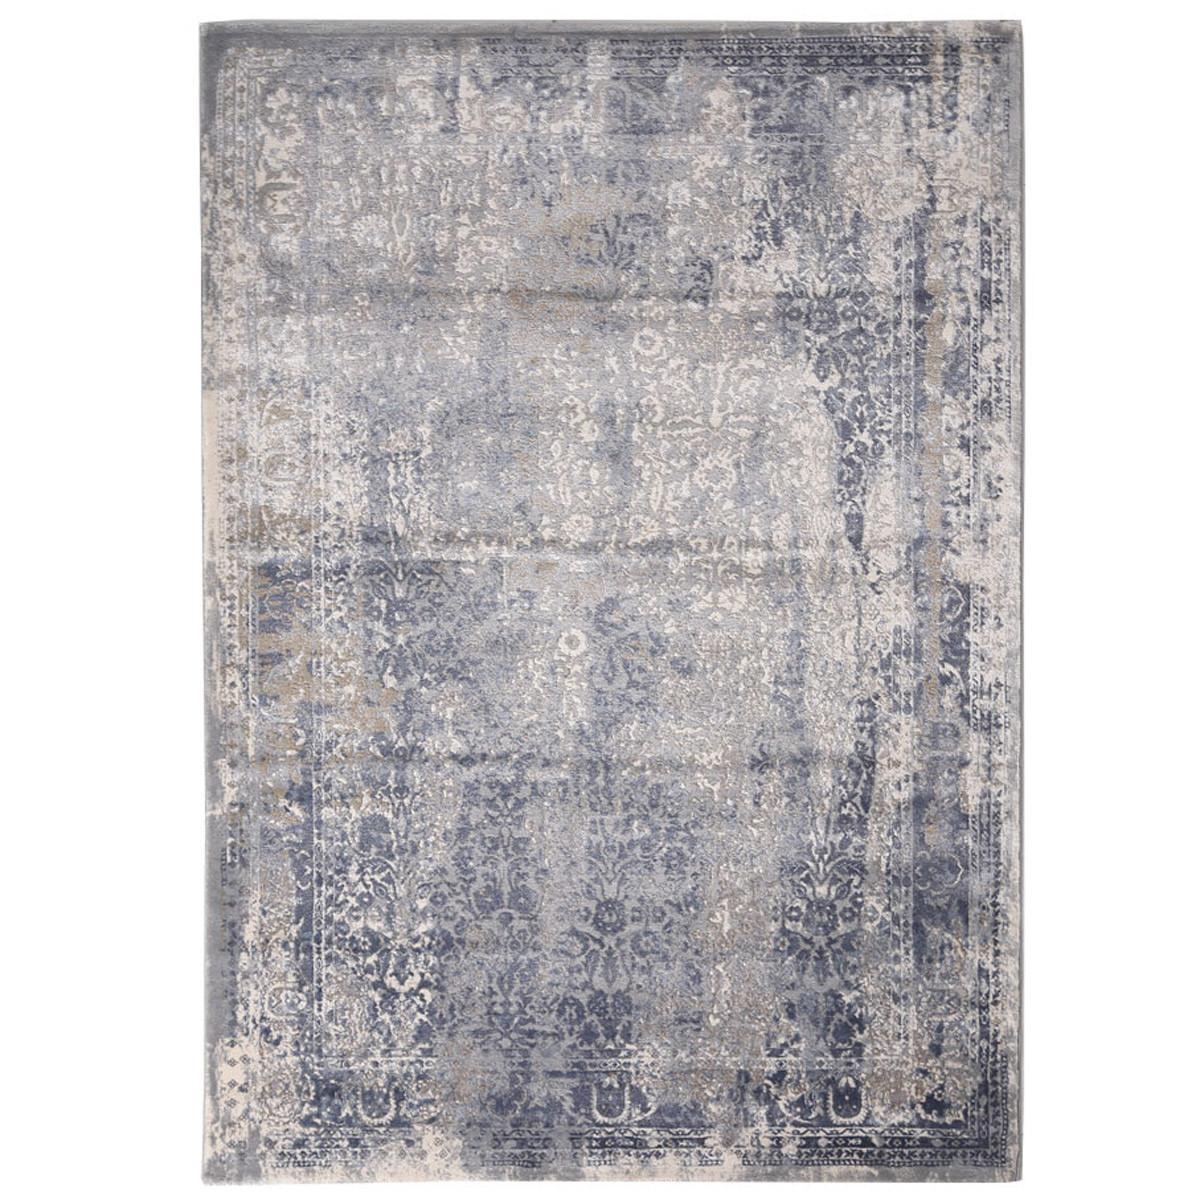 Χαλιά Κρεβατοκάμαρας (Σετ 3τμχ) Royal Carpets Jersey 176 A home   χαλιά   χαλιά κρεβατοκάμαρας